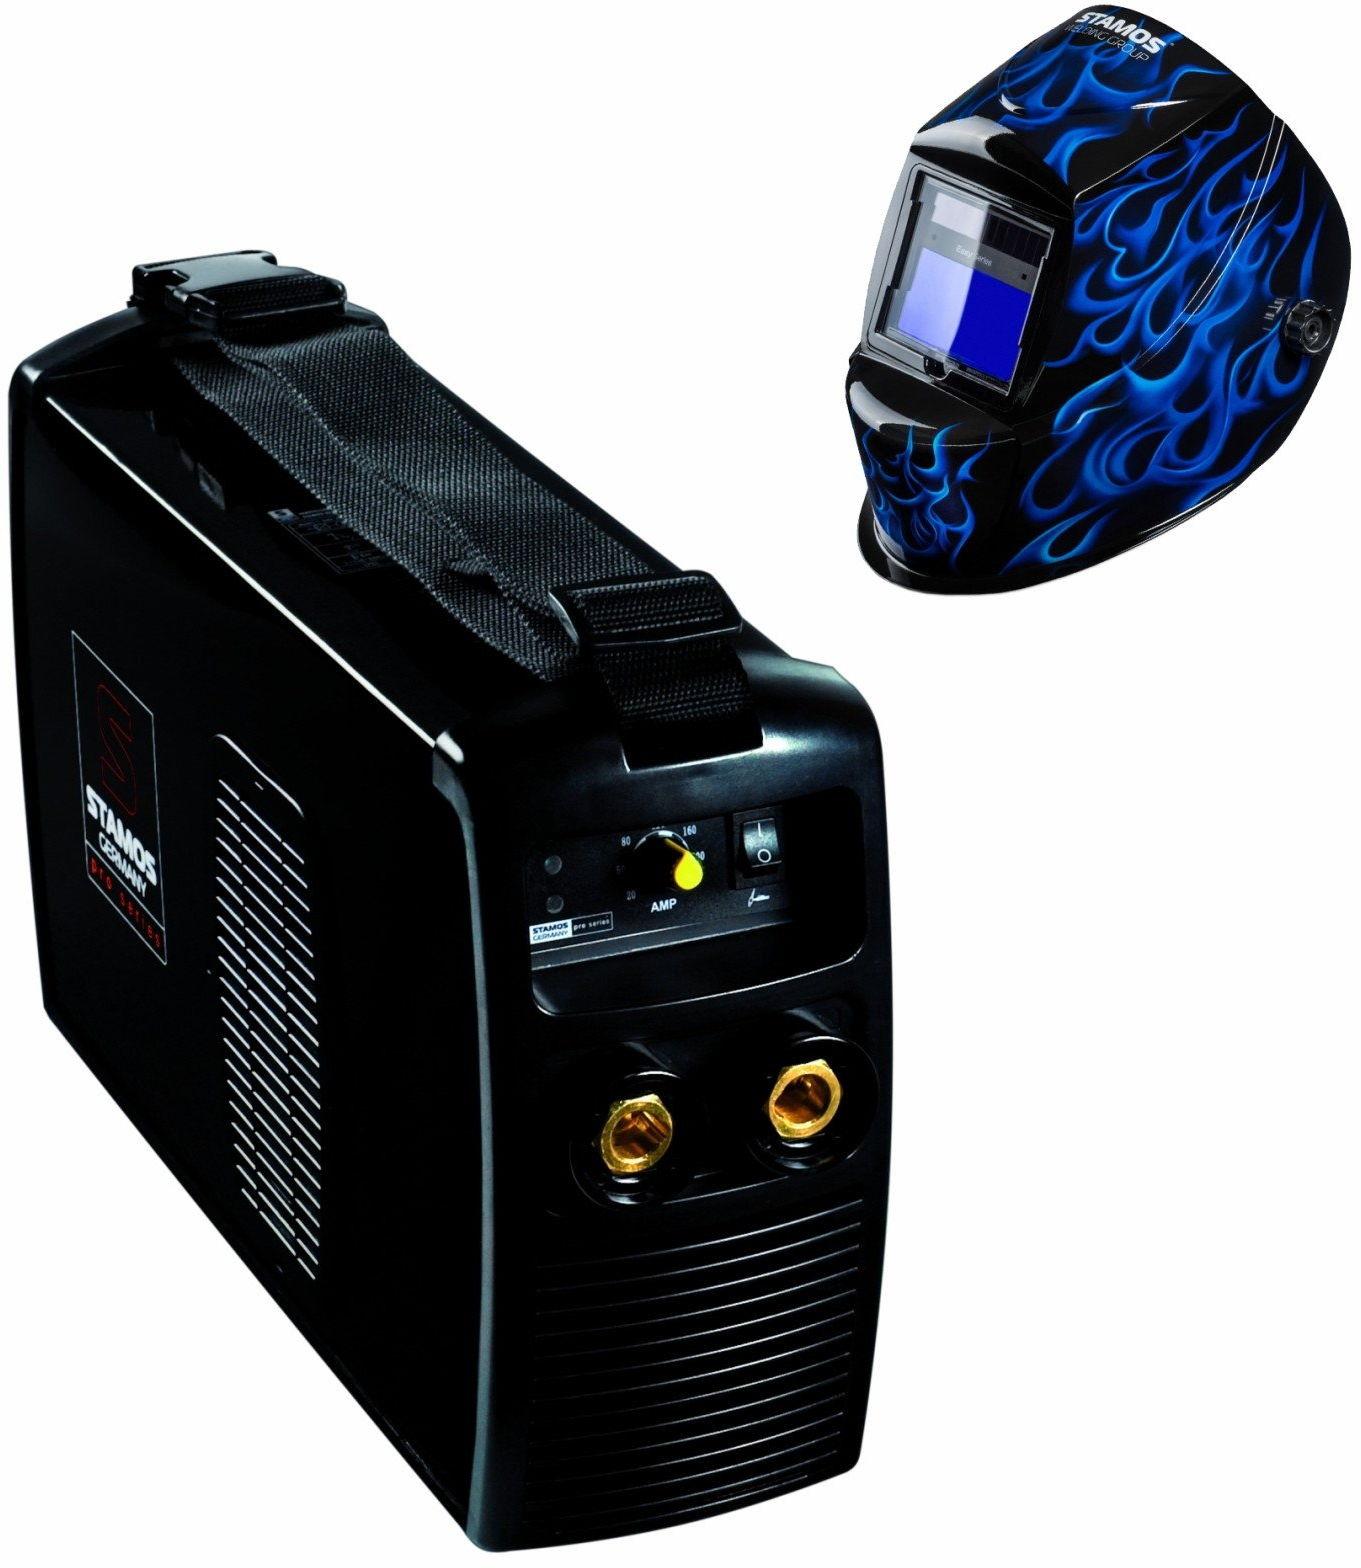 Spawarka MMA - 250 A - Hot Start - IGBT - Stamos Pro Series - S-MMA-250-PI - 3 lata gwarancji/wysyłka w 24h